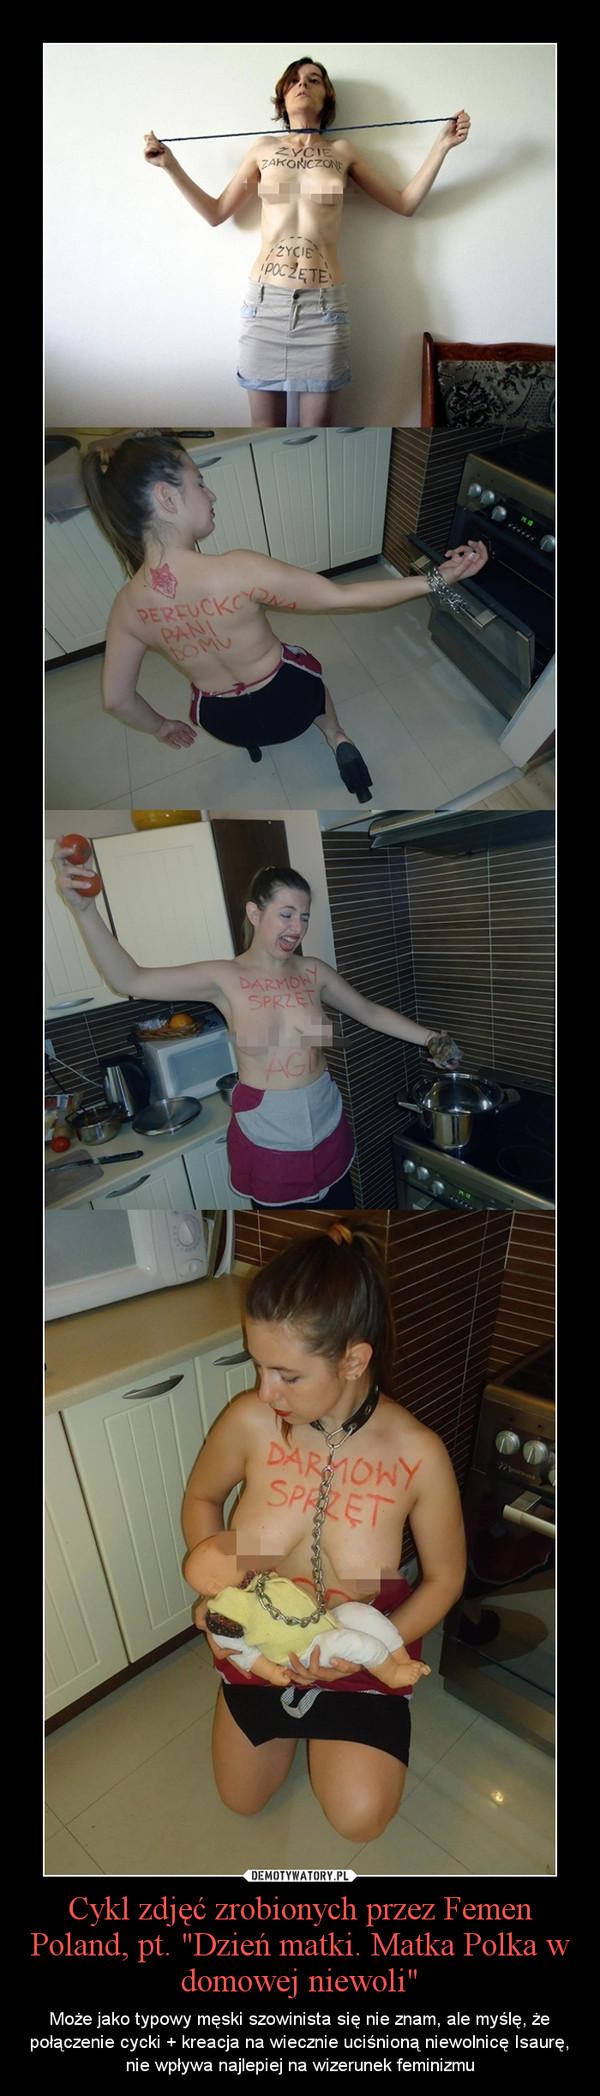 """Cykl zdjęć zrobionych przez Femen Poland, pt. """"Dzień matki. Matka Polka w domowej niewoli"""" – Może jako typowy męski szowinista się nie znam, ale myślę, że połączenie cycki + kreacja na wiecznie uciśnioną niewolnicę Isaurę, nie wpływa najlepiej na wizerunek feminizmu"""